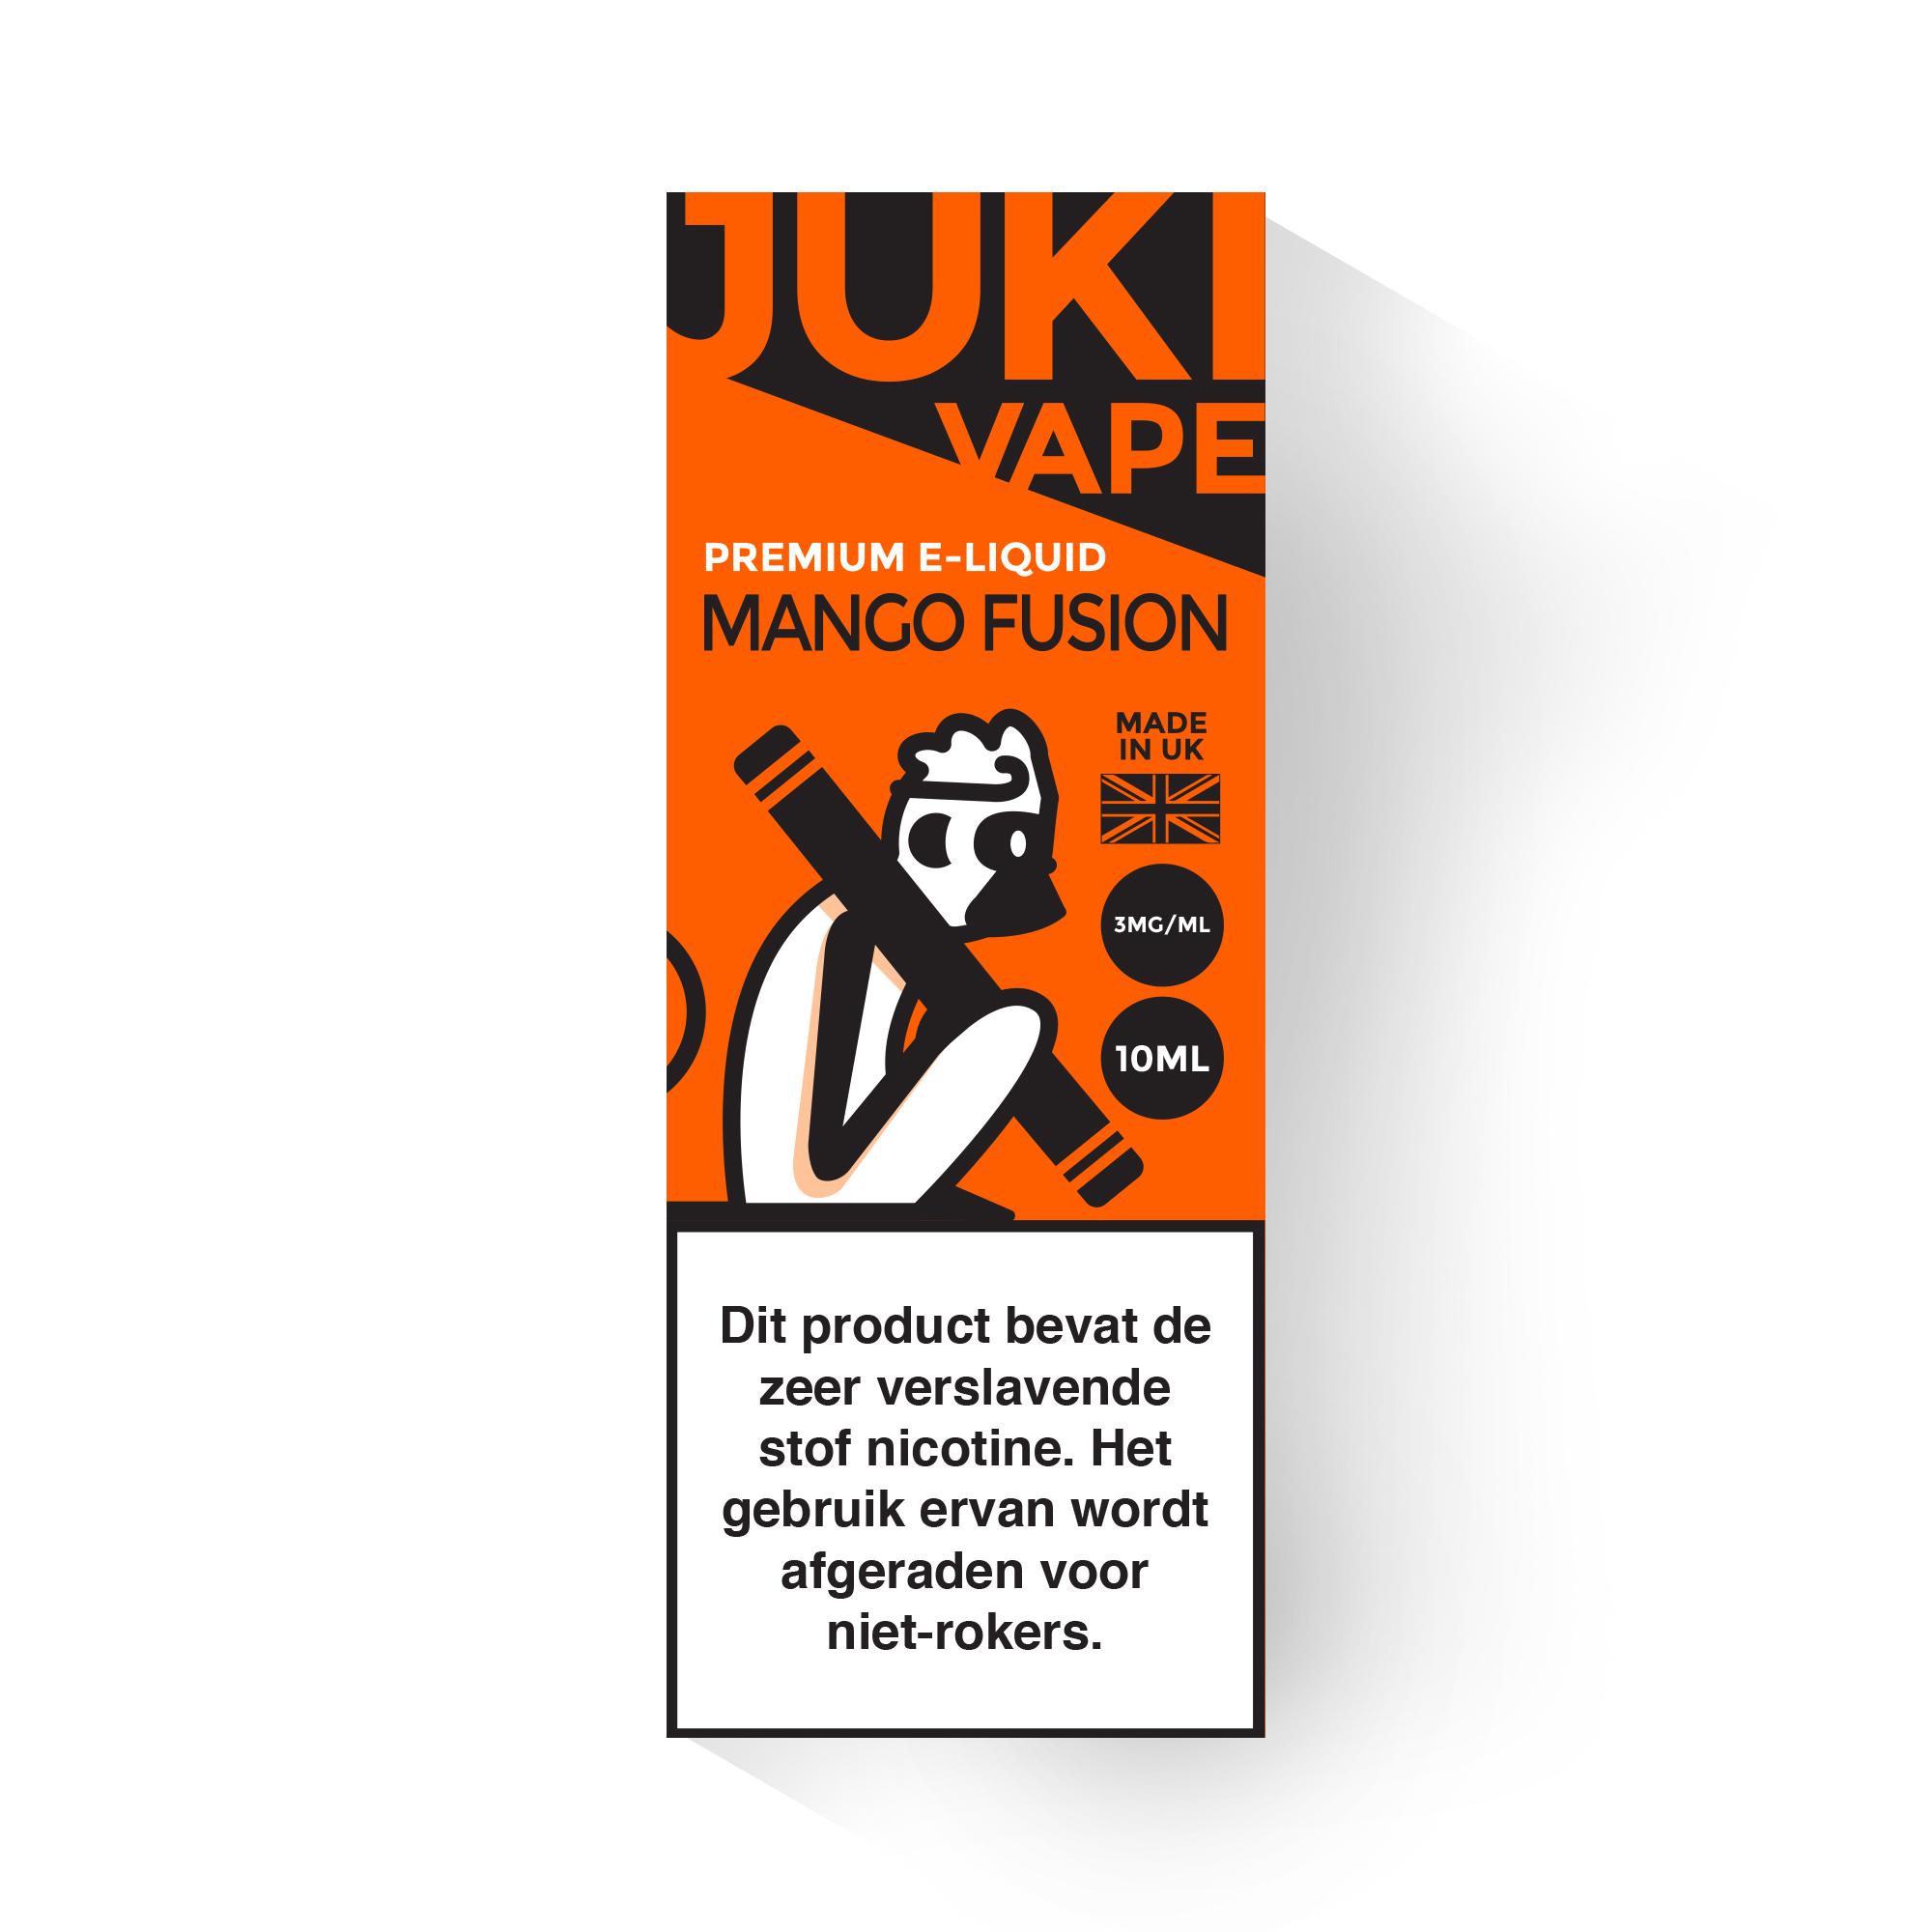 Juki Vape Mango Fusion is een mix van mango en frisse menthol. Deze e-liquid is verkrijgbaar met 3mg/ml nicotine en 30%PG/70%VG in 10ml flesjes.